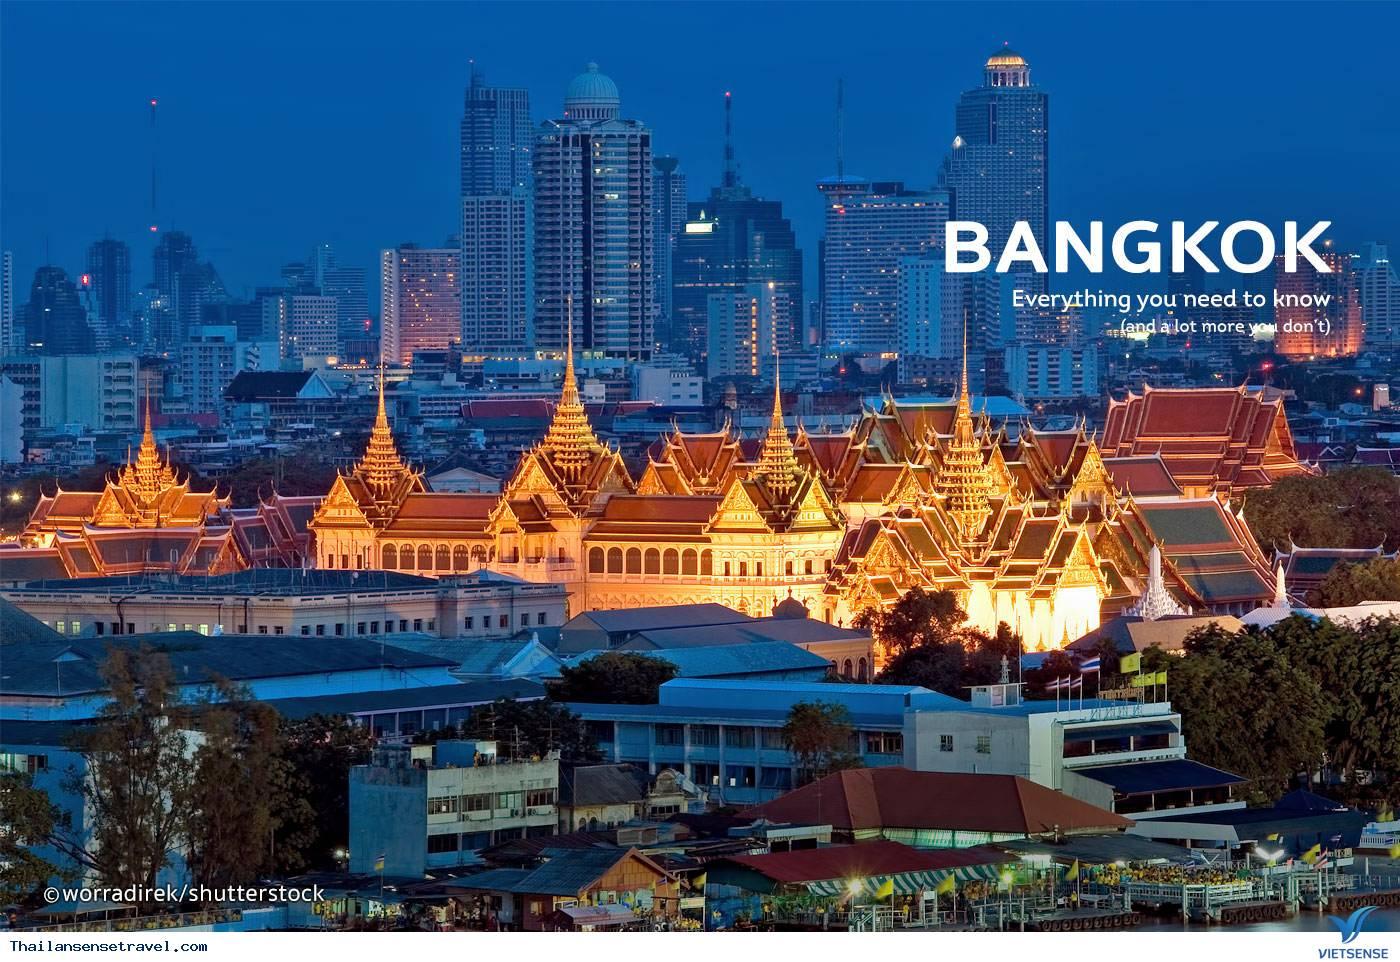 Thời gian thích hợp để du lịch Bangkok